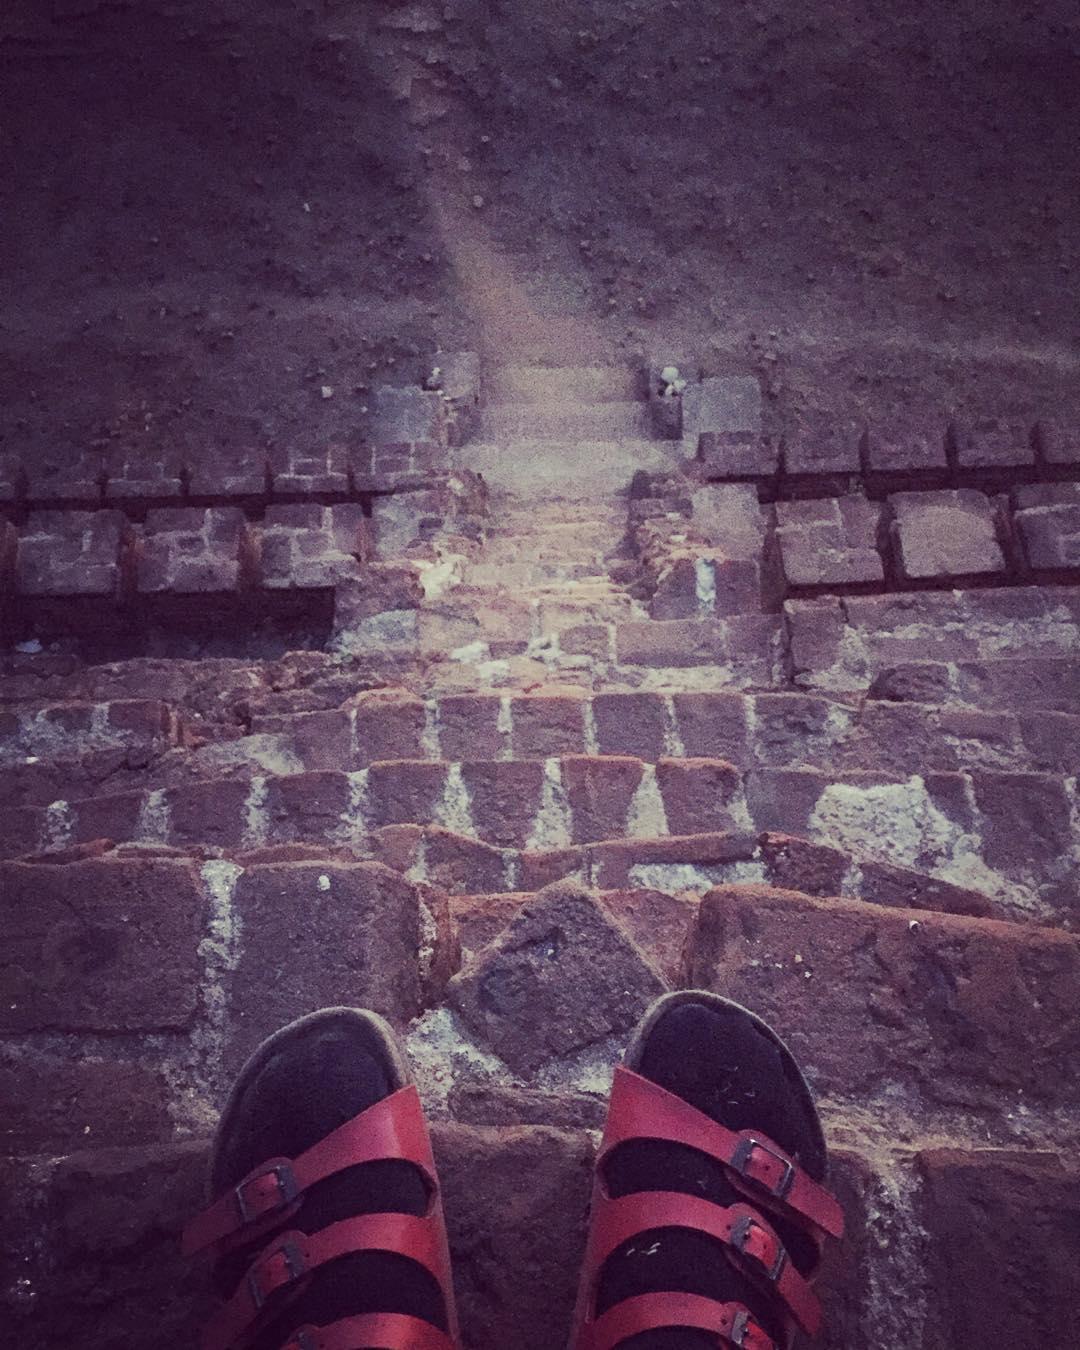 Following the path! #myanmar #bagan #trippingmood #benga